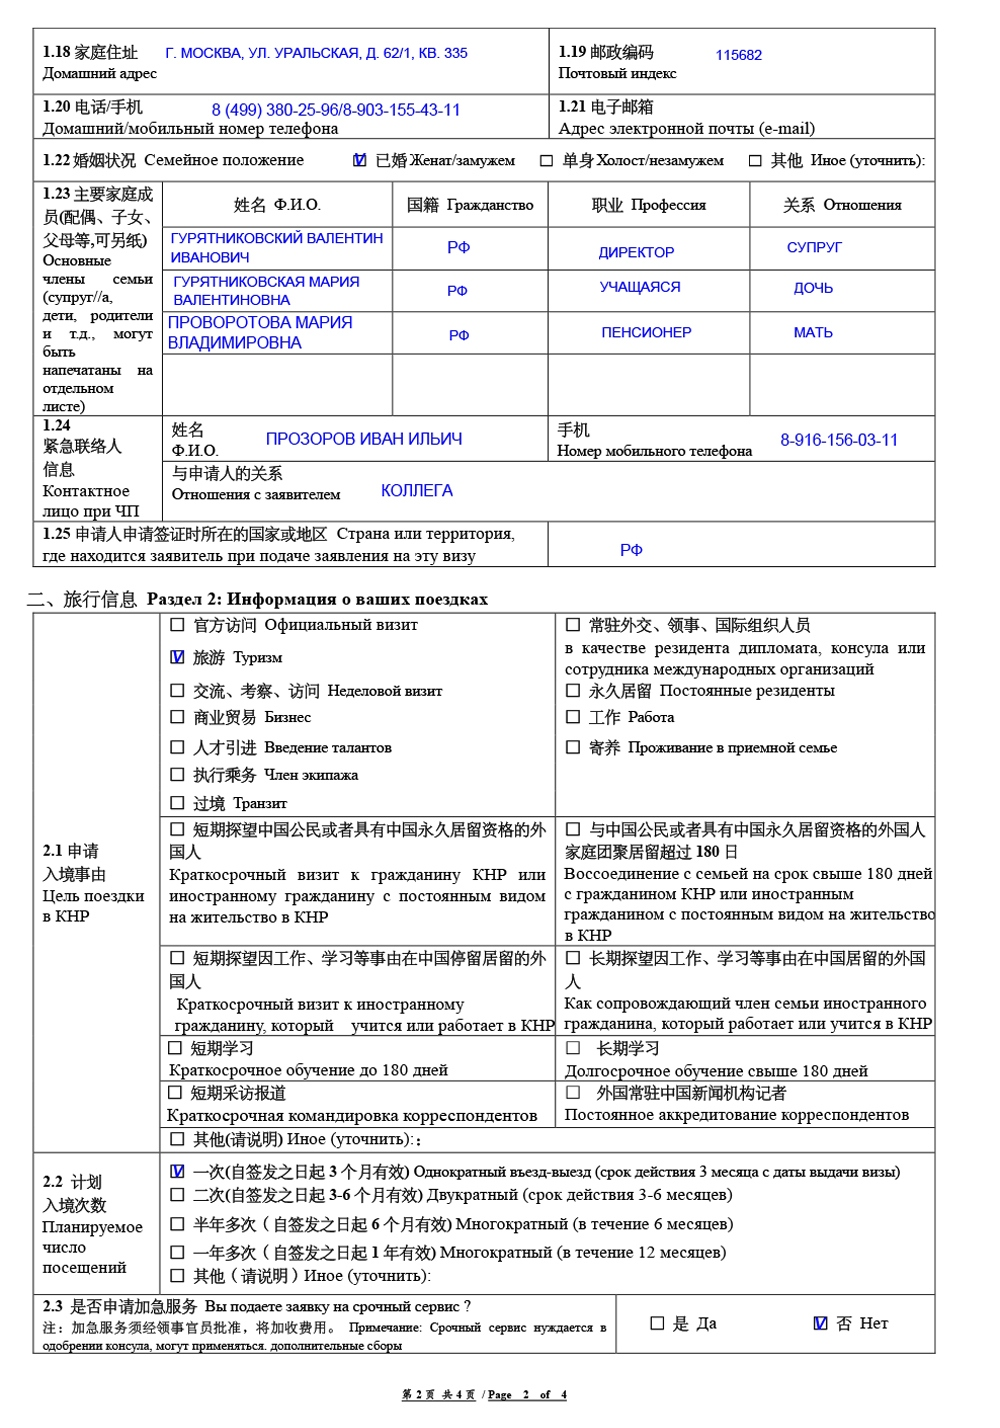 Образец заполненной анкеты на китайскую визу, стр. 2